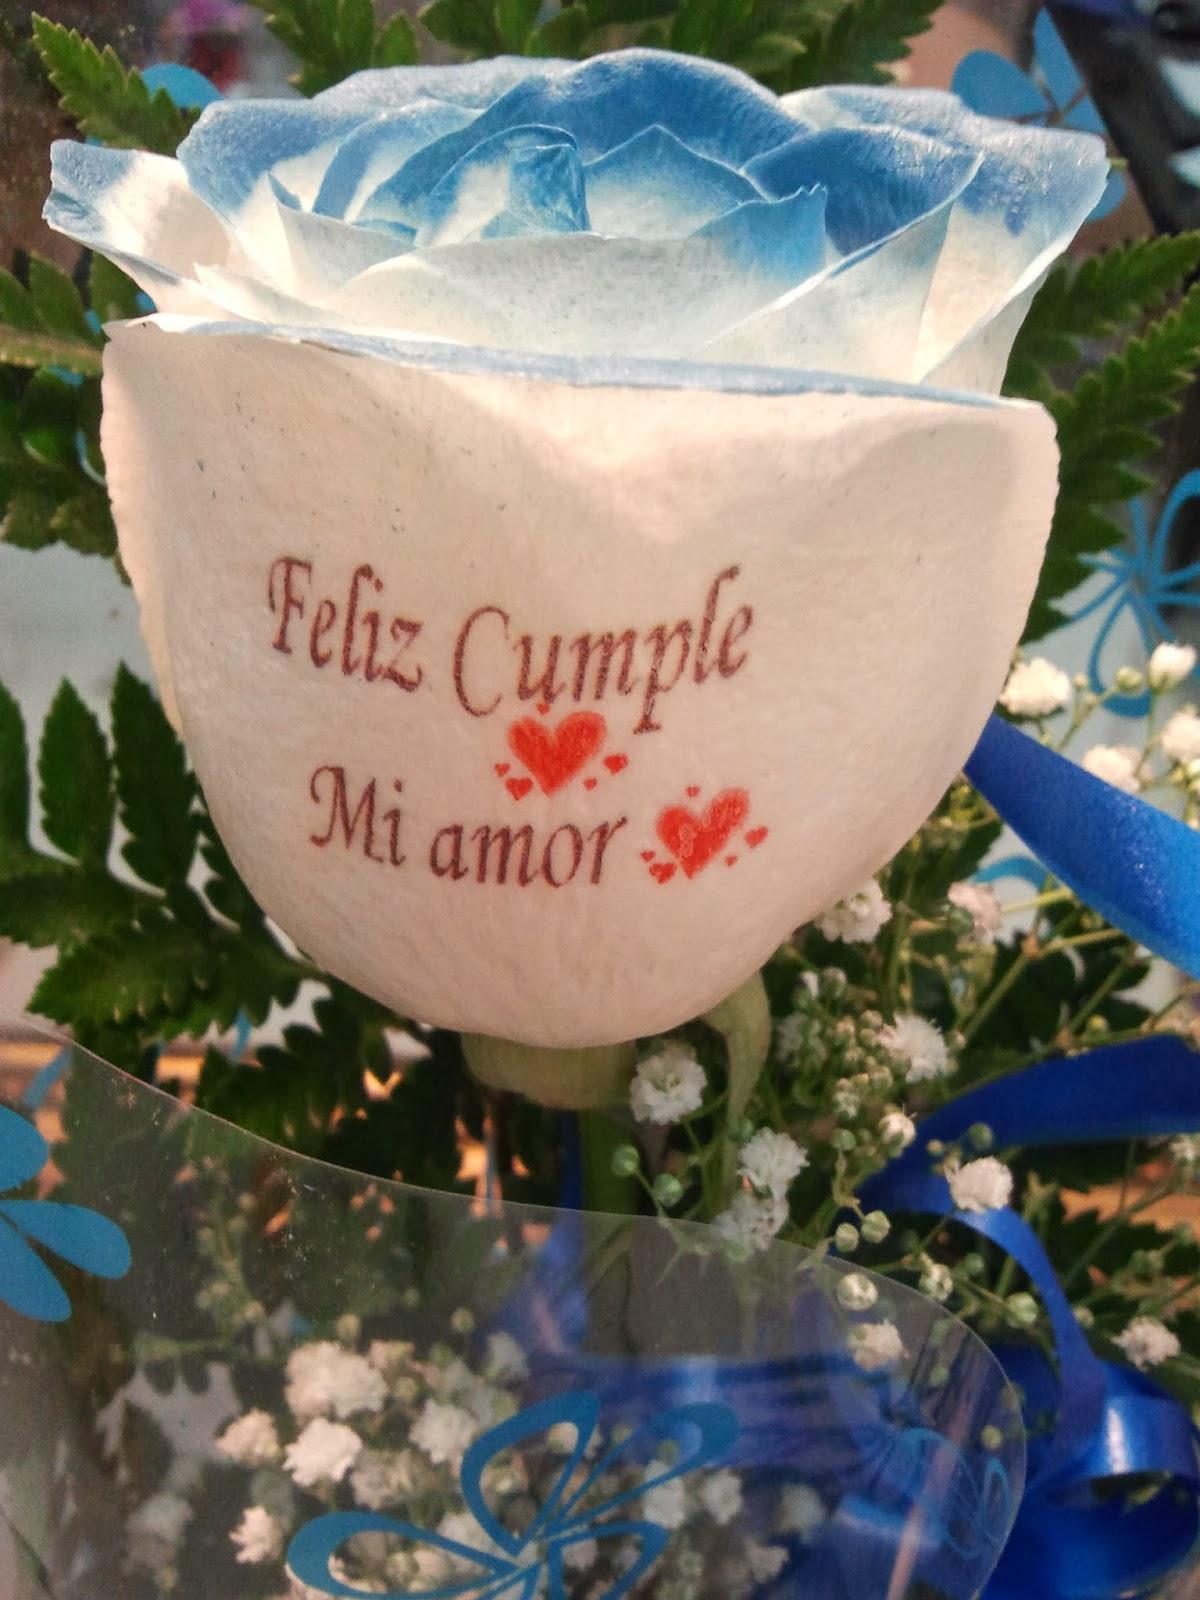 Rosas Azules Imágenes De Archivo Vectores 123RF - Ramos De Rosas Azules Imagenes